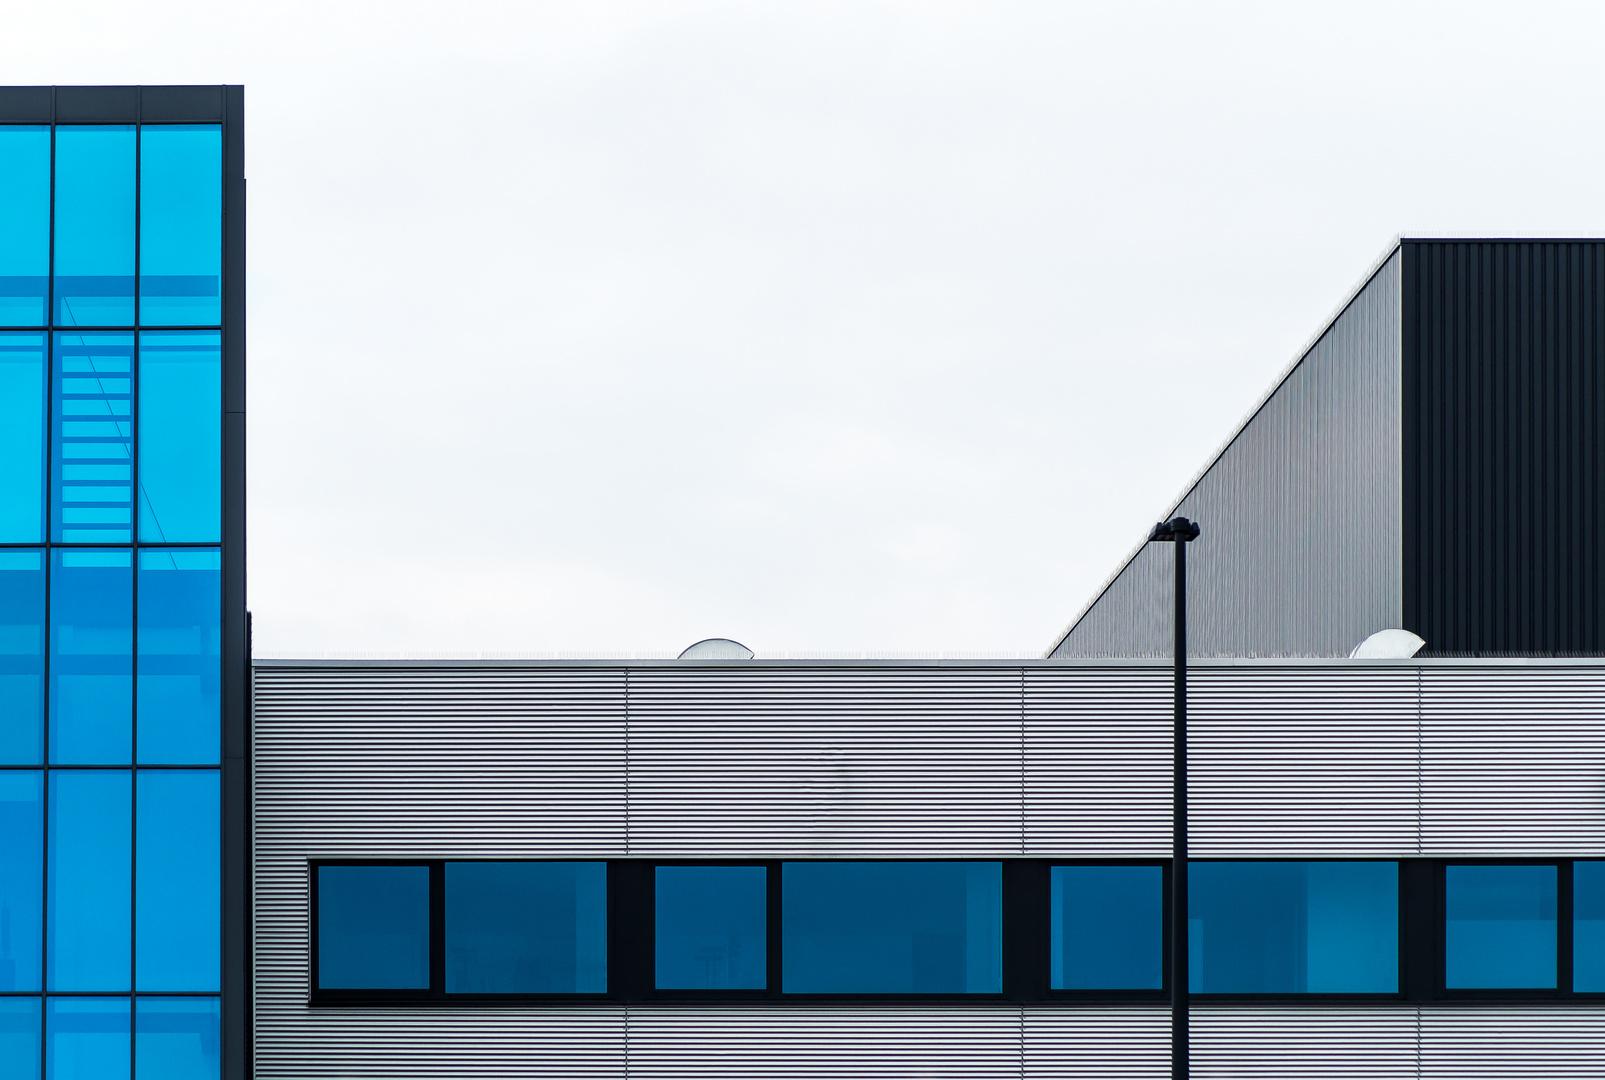 creative_architecture